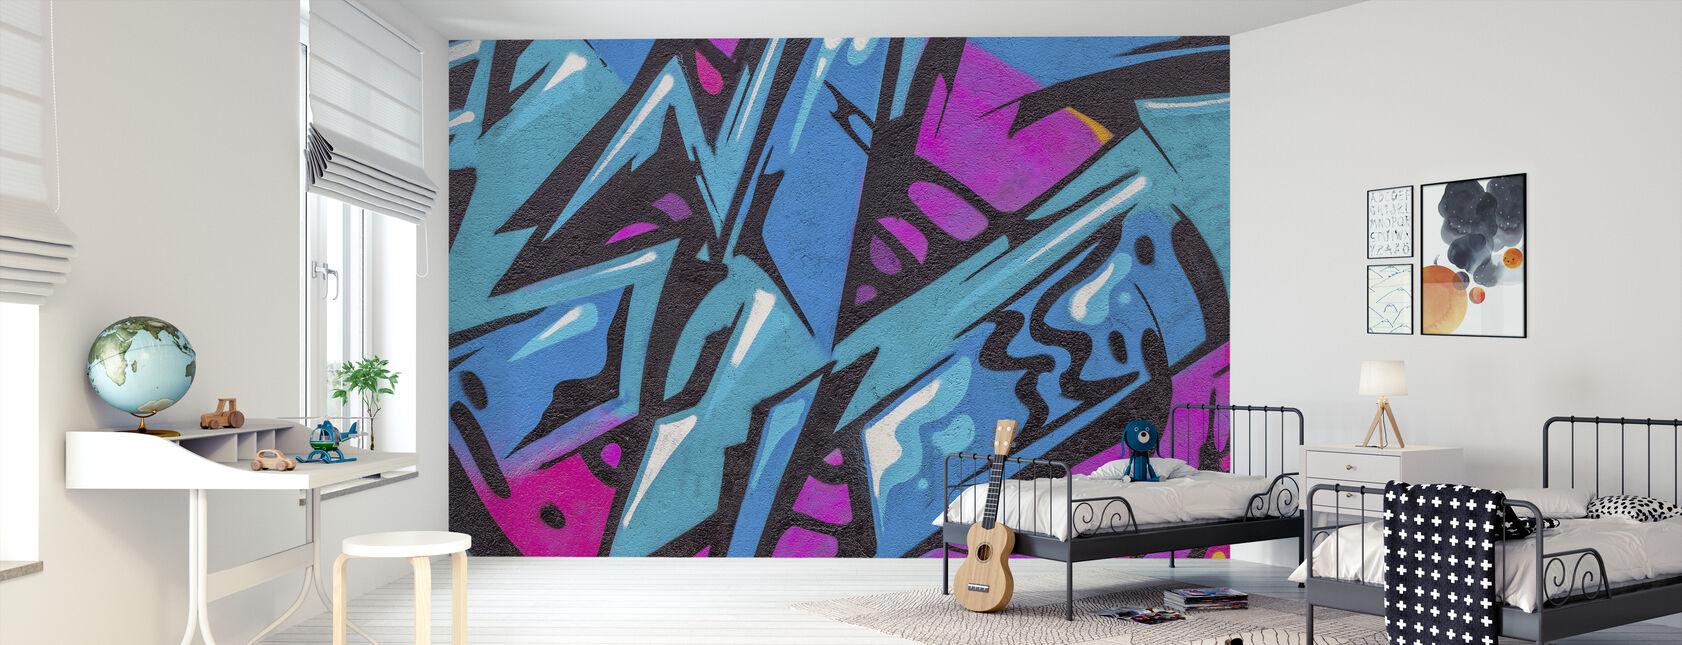 Graffiti og gadekunst